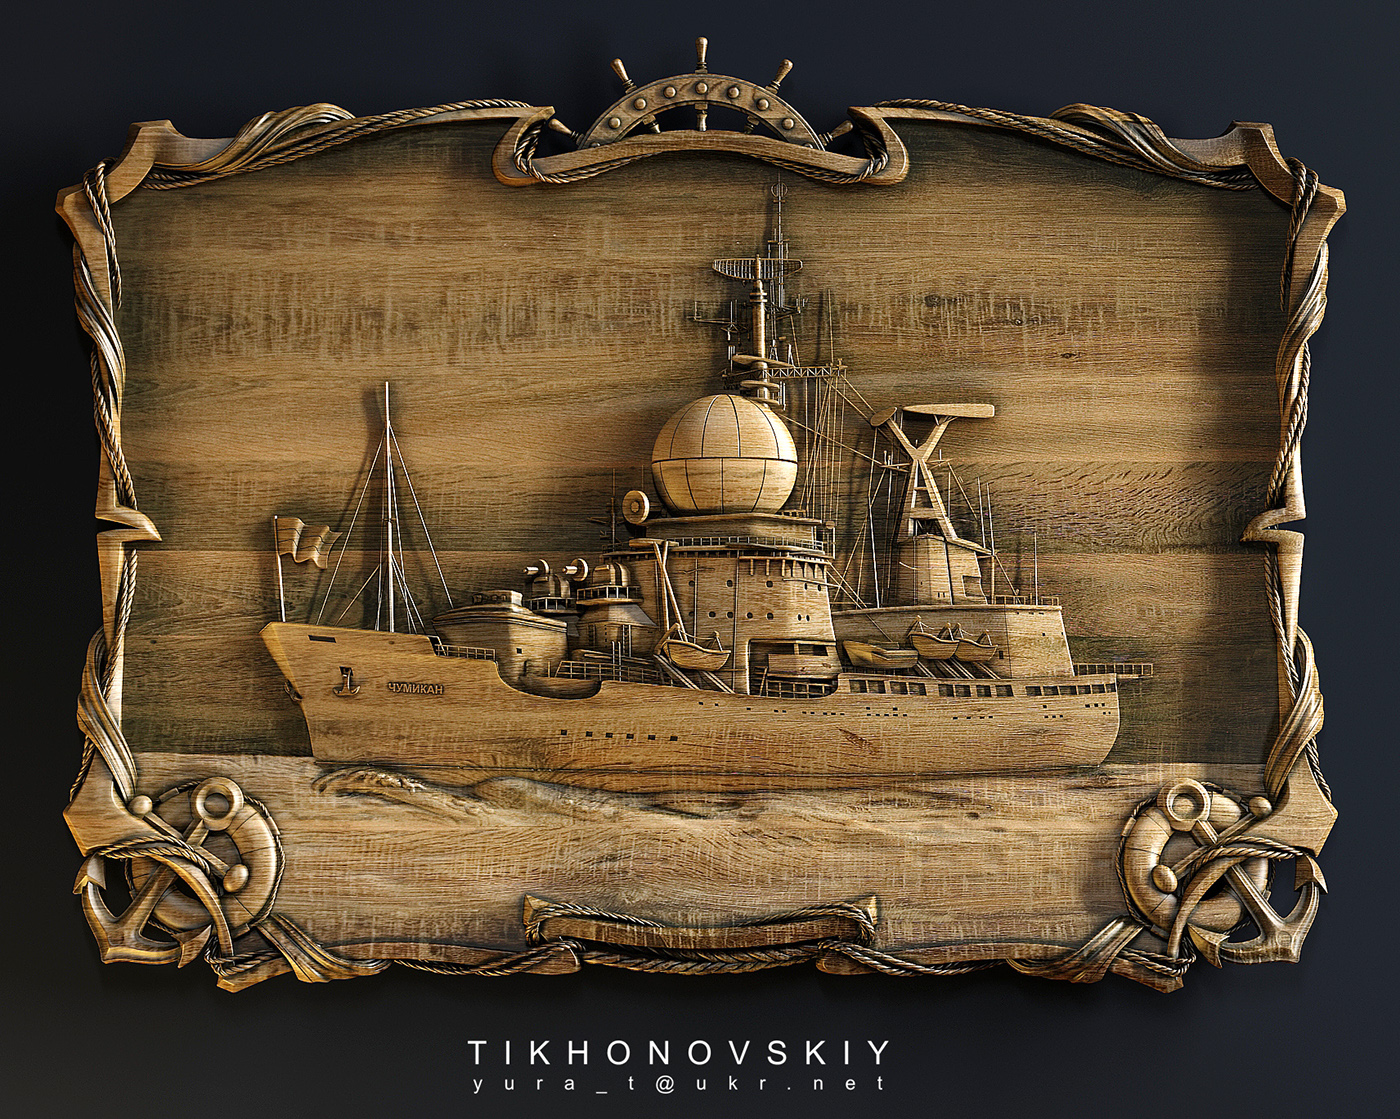 Ein Schiff. Basrelief aus Holz